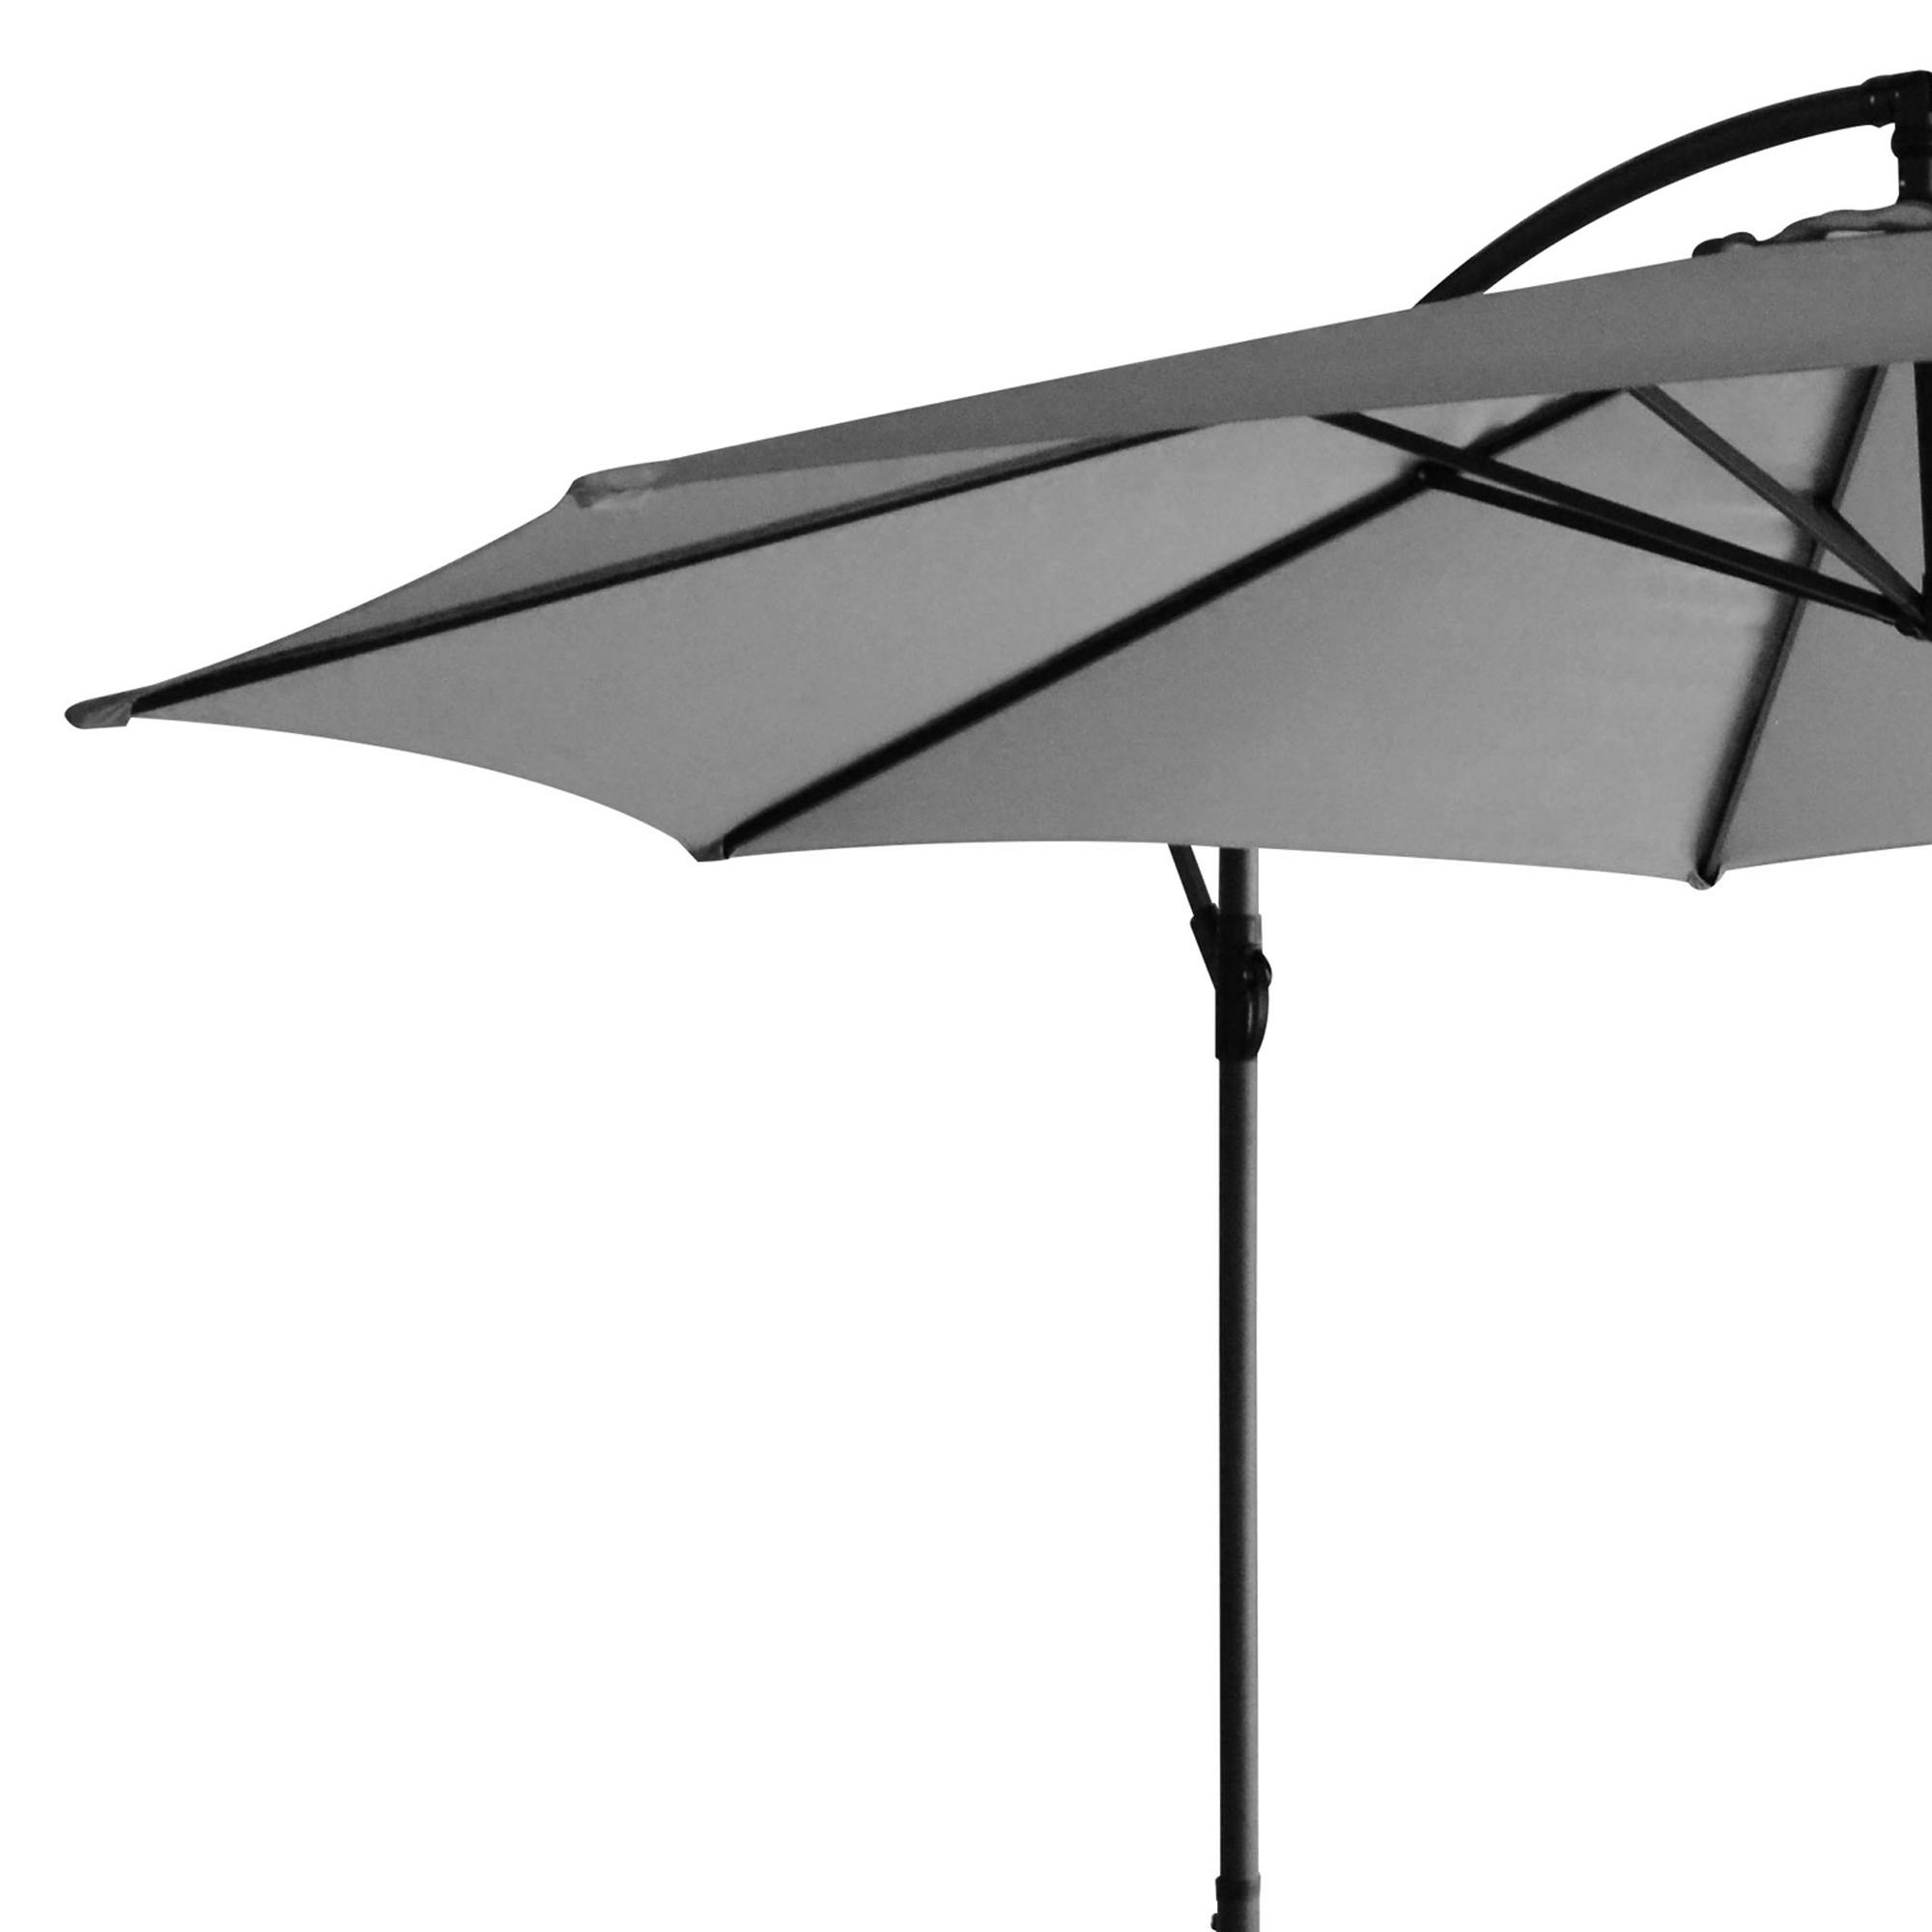 sonnenschirm freischwebend ampelschirm 350 garten schirm schutzh lle defekt ebay. Black Bedroom Furniture Sets. Home Design Ideas